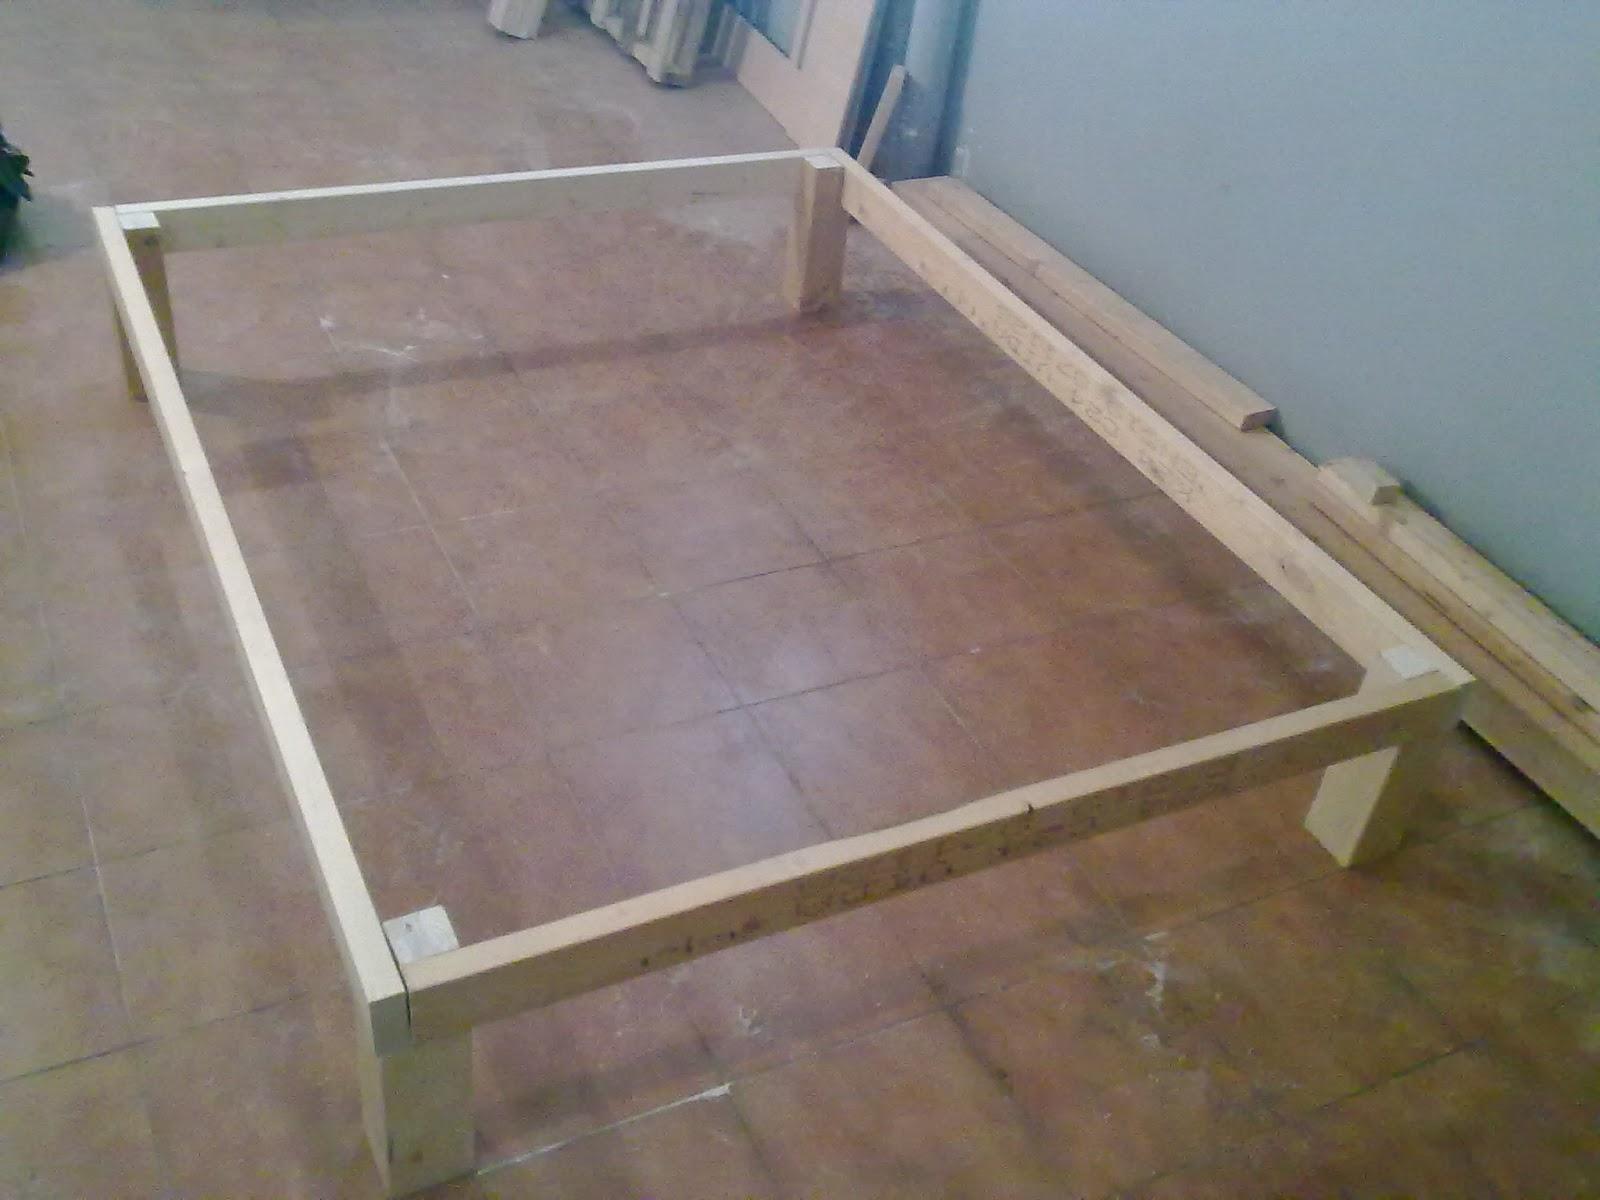 Miguel garcia carpintero somier de madera desmontable - Patas de madera para somier ...